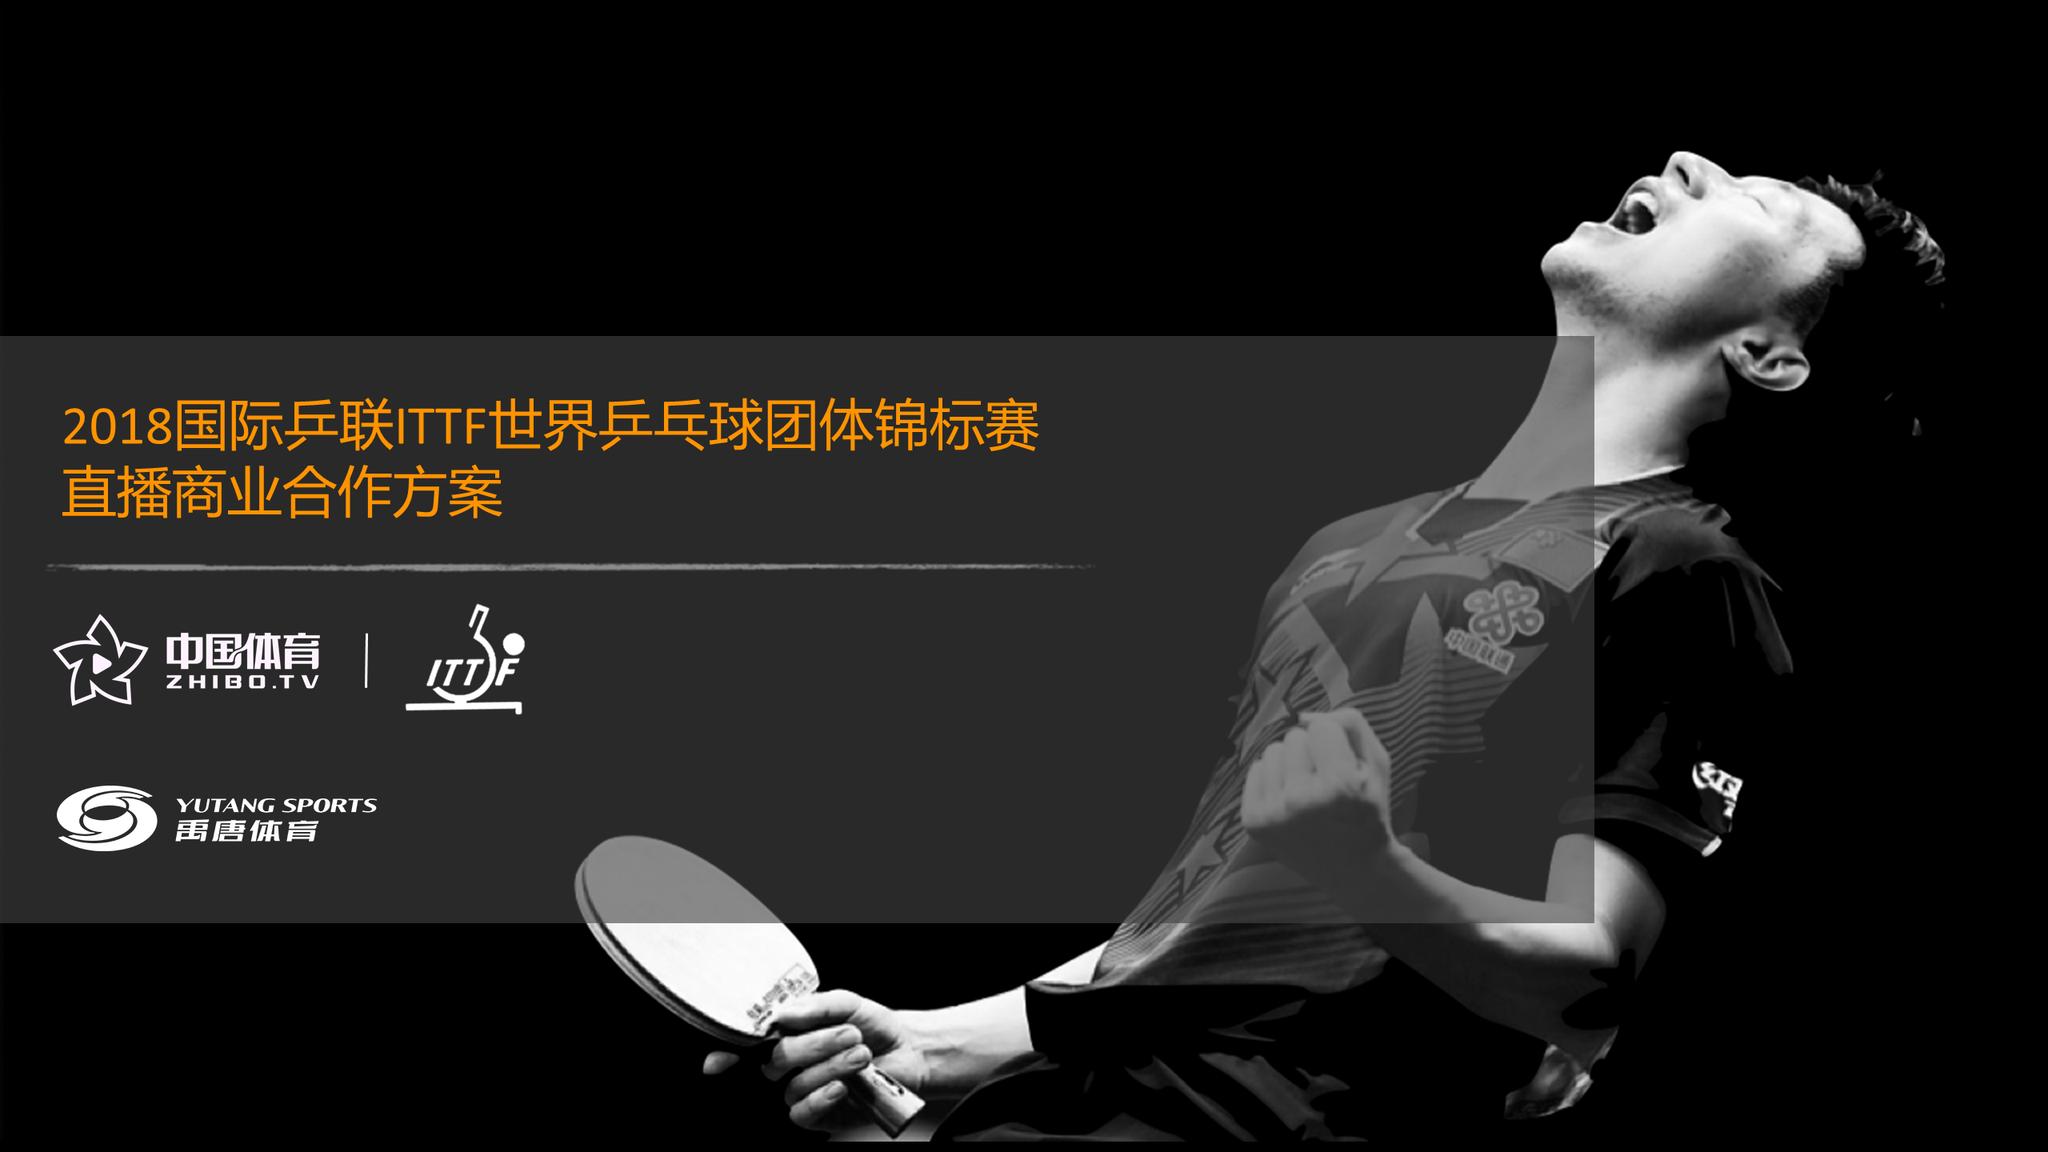 2018国际乒联ittf世界乒乓球团体锦标赛直播商业合作方案